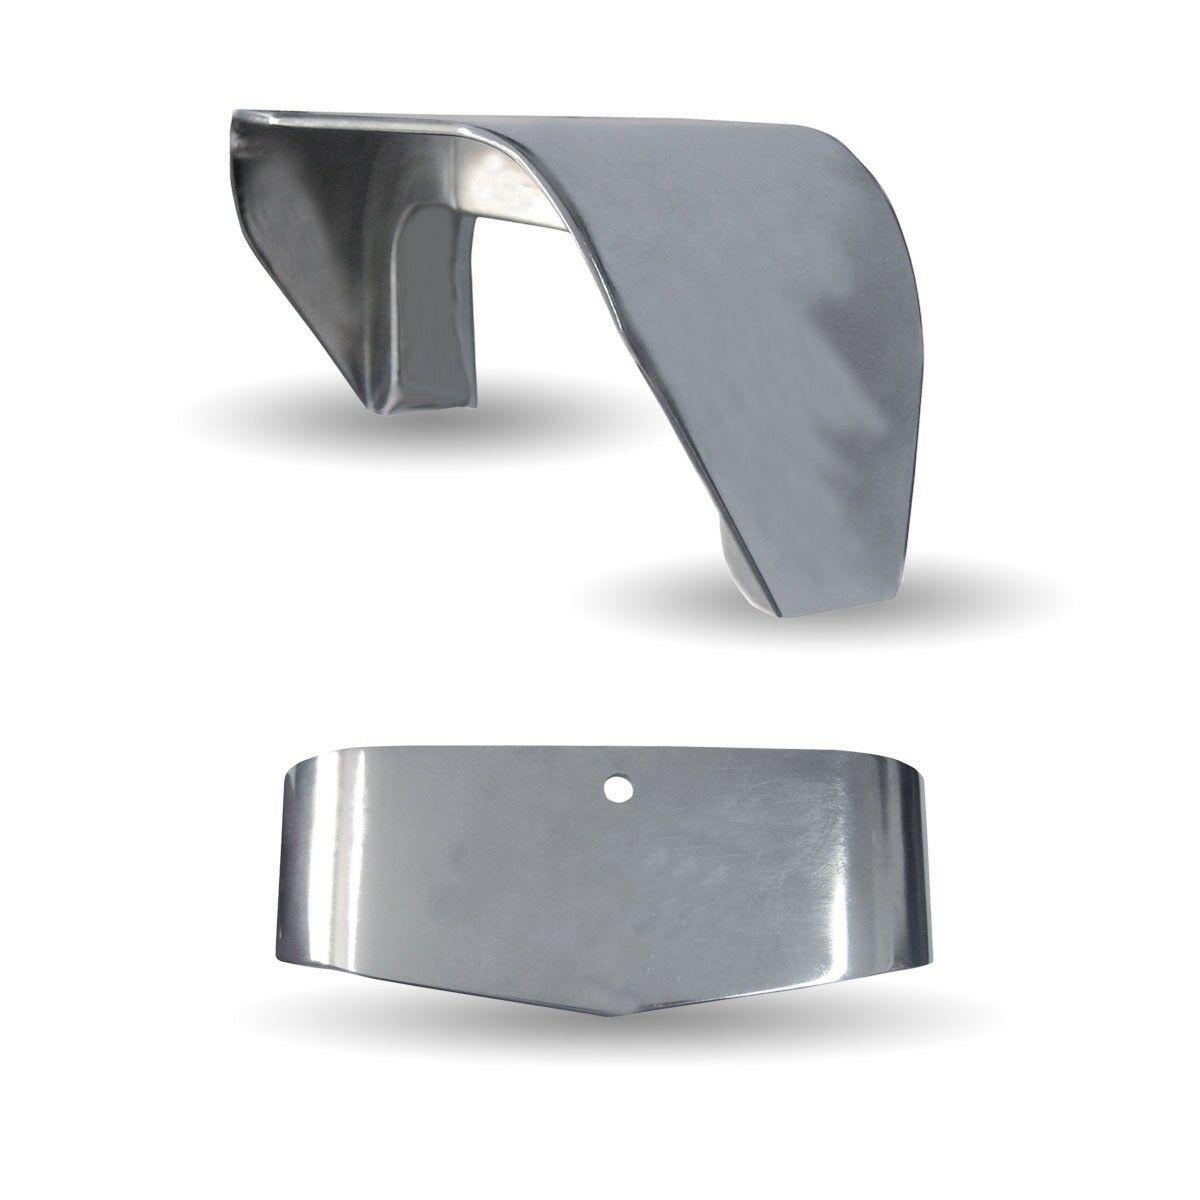 Westcoast Mirror Visor - Chromed Plastic Visor